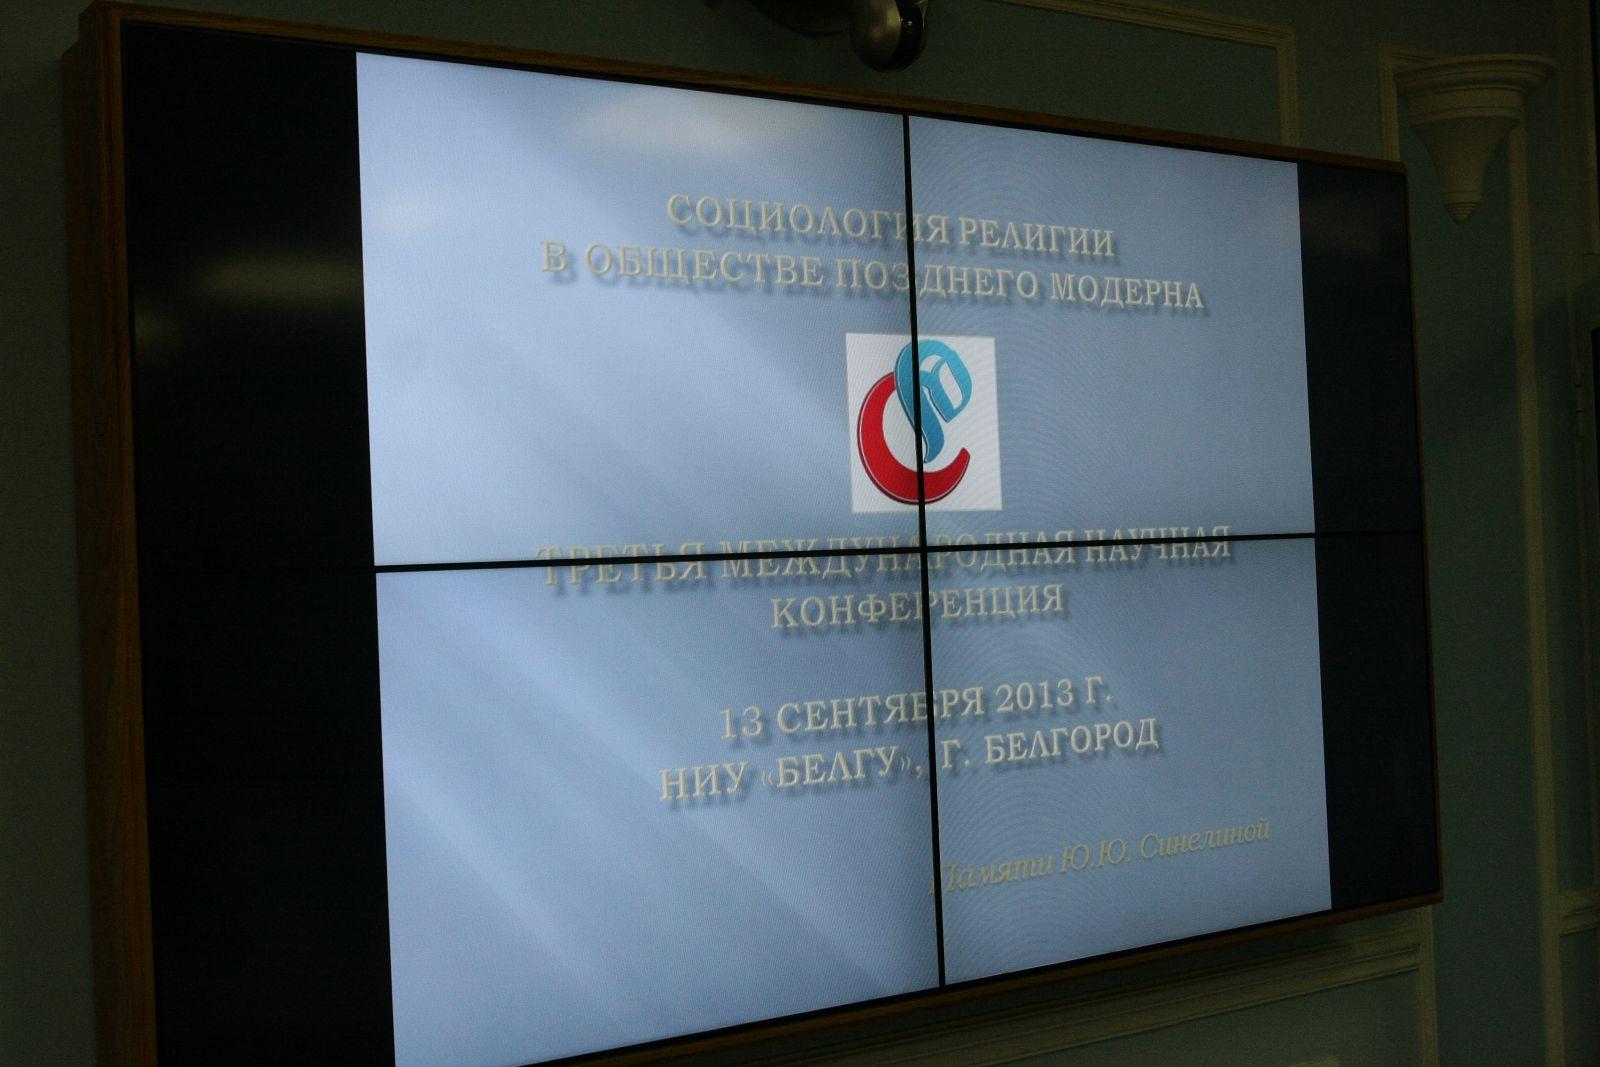 эмблема и логотип конференции